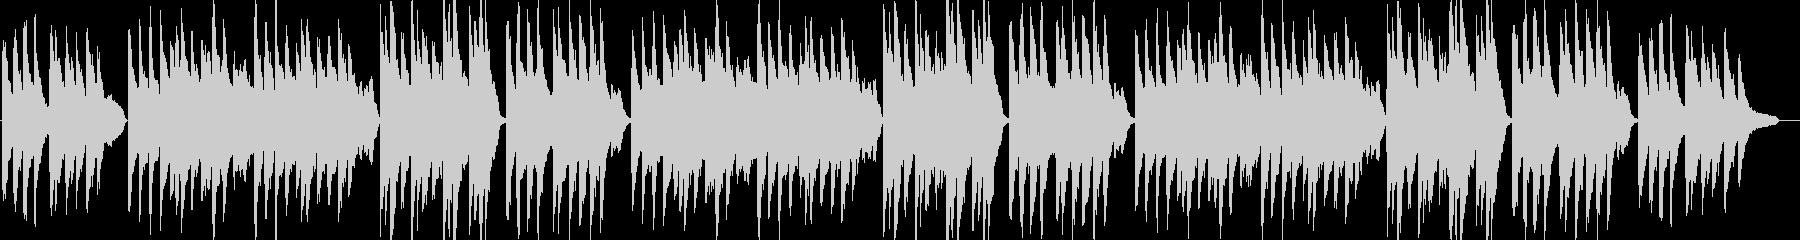 ふるさと(童謡)ピアノ&ストリングスの未再生の波形